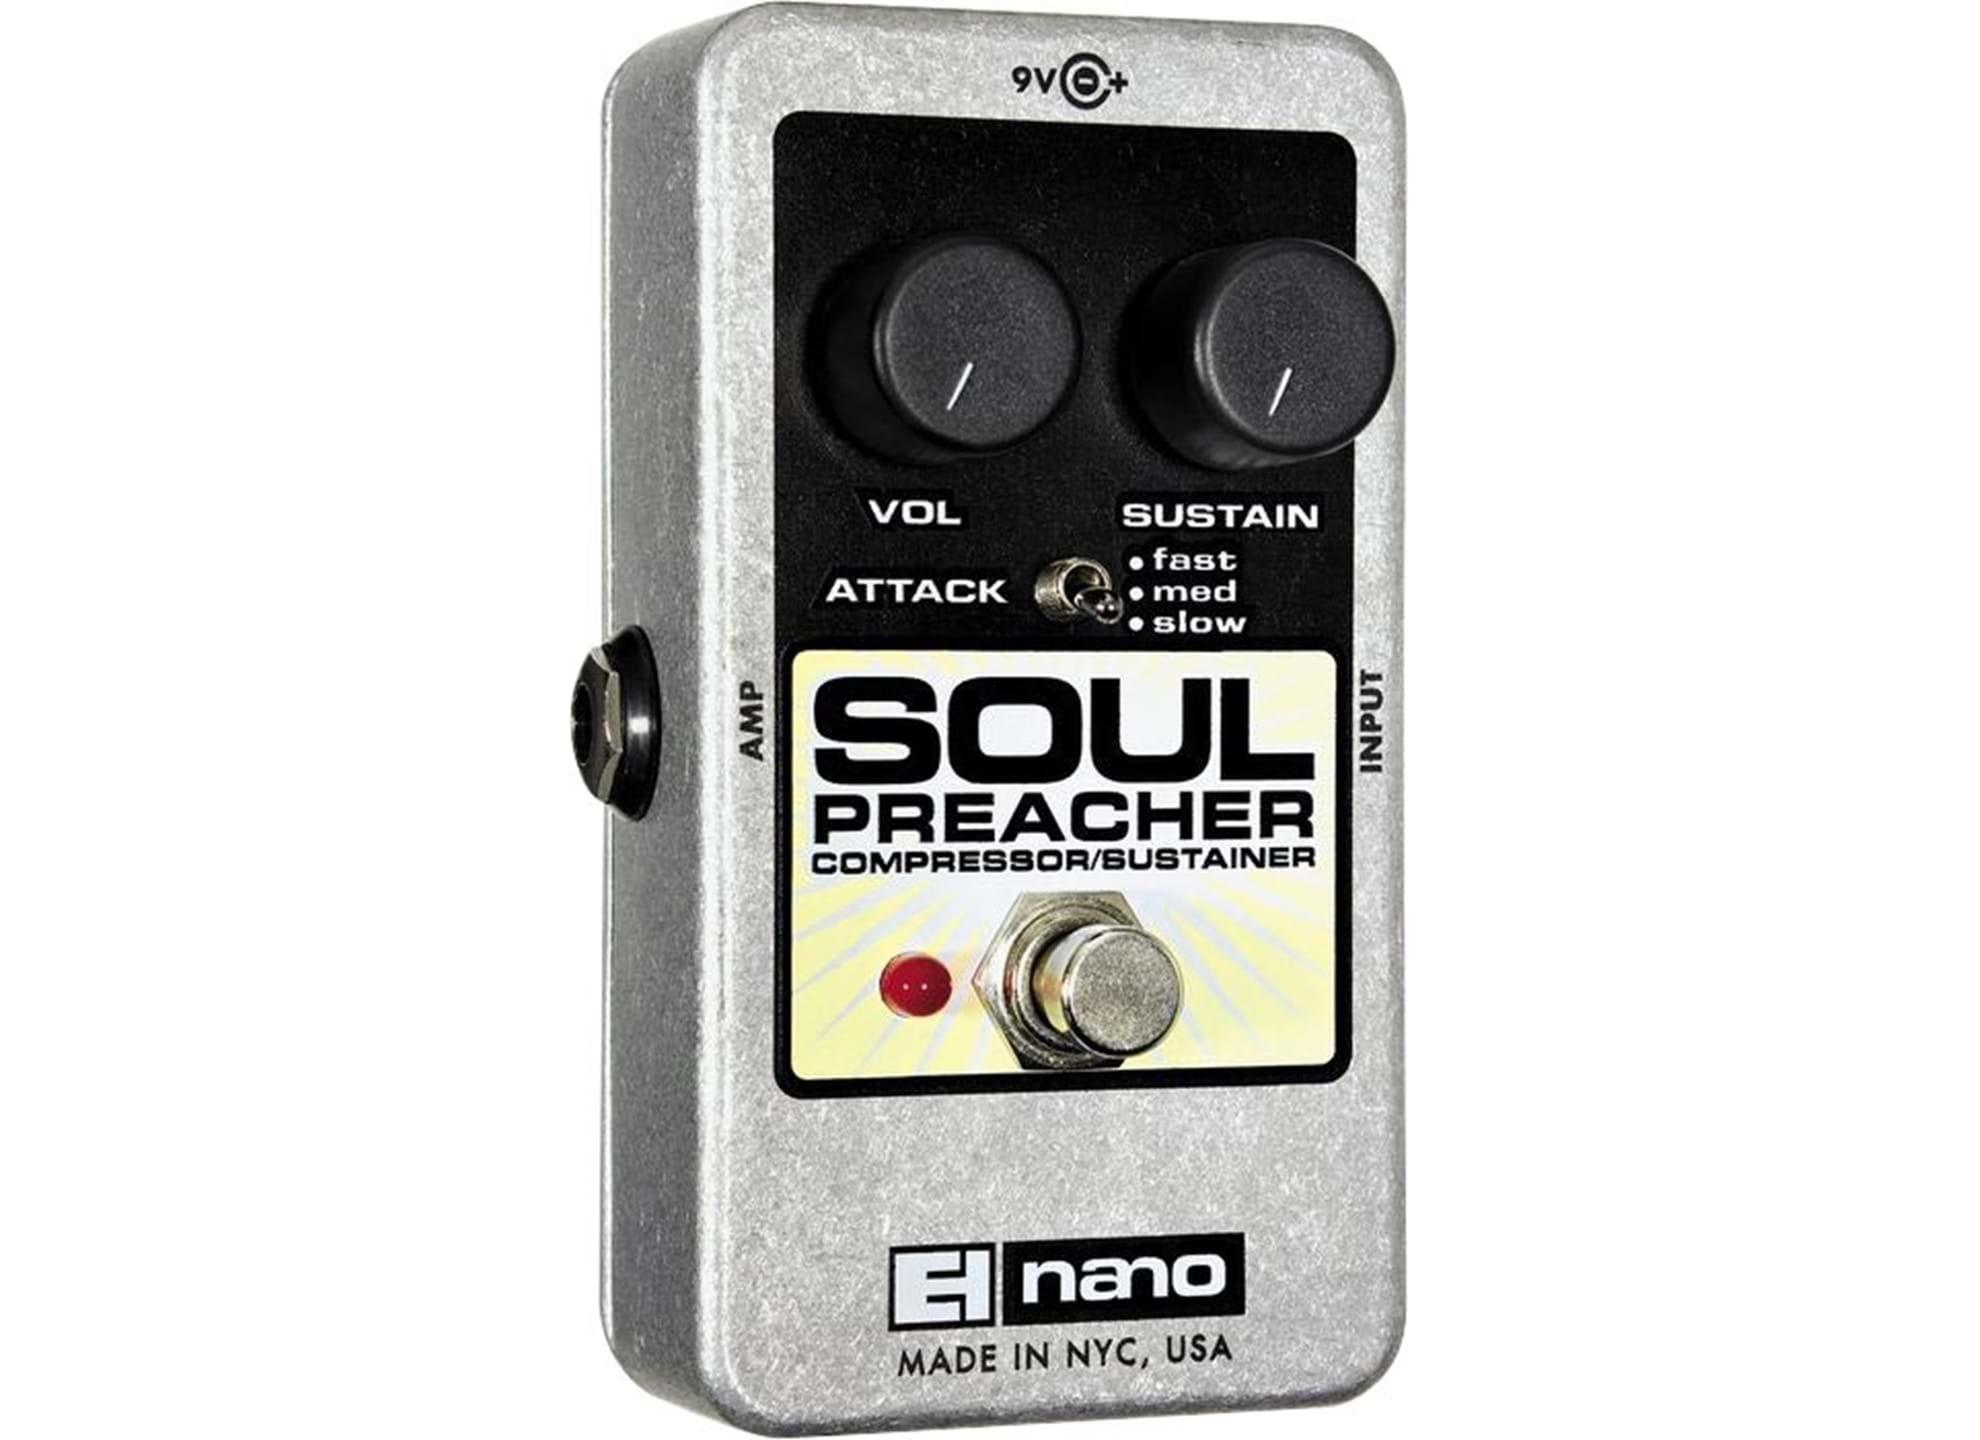 Nano Soul Preacher